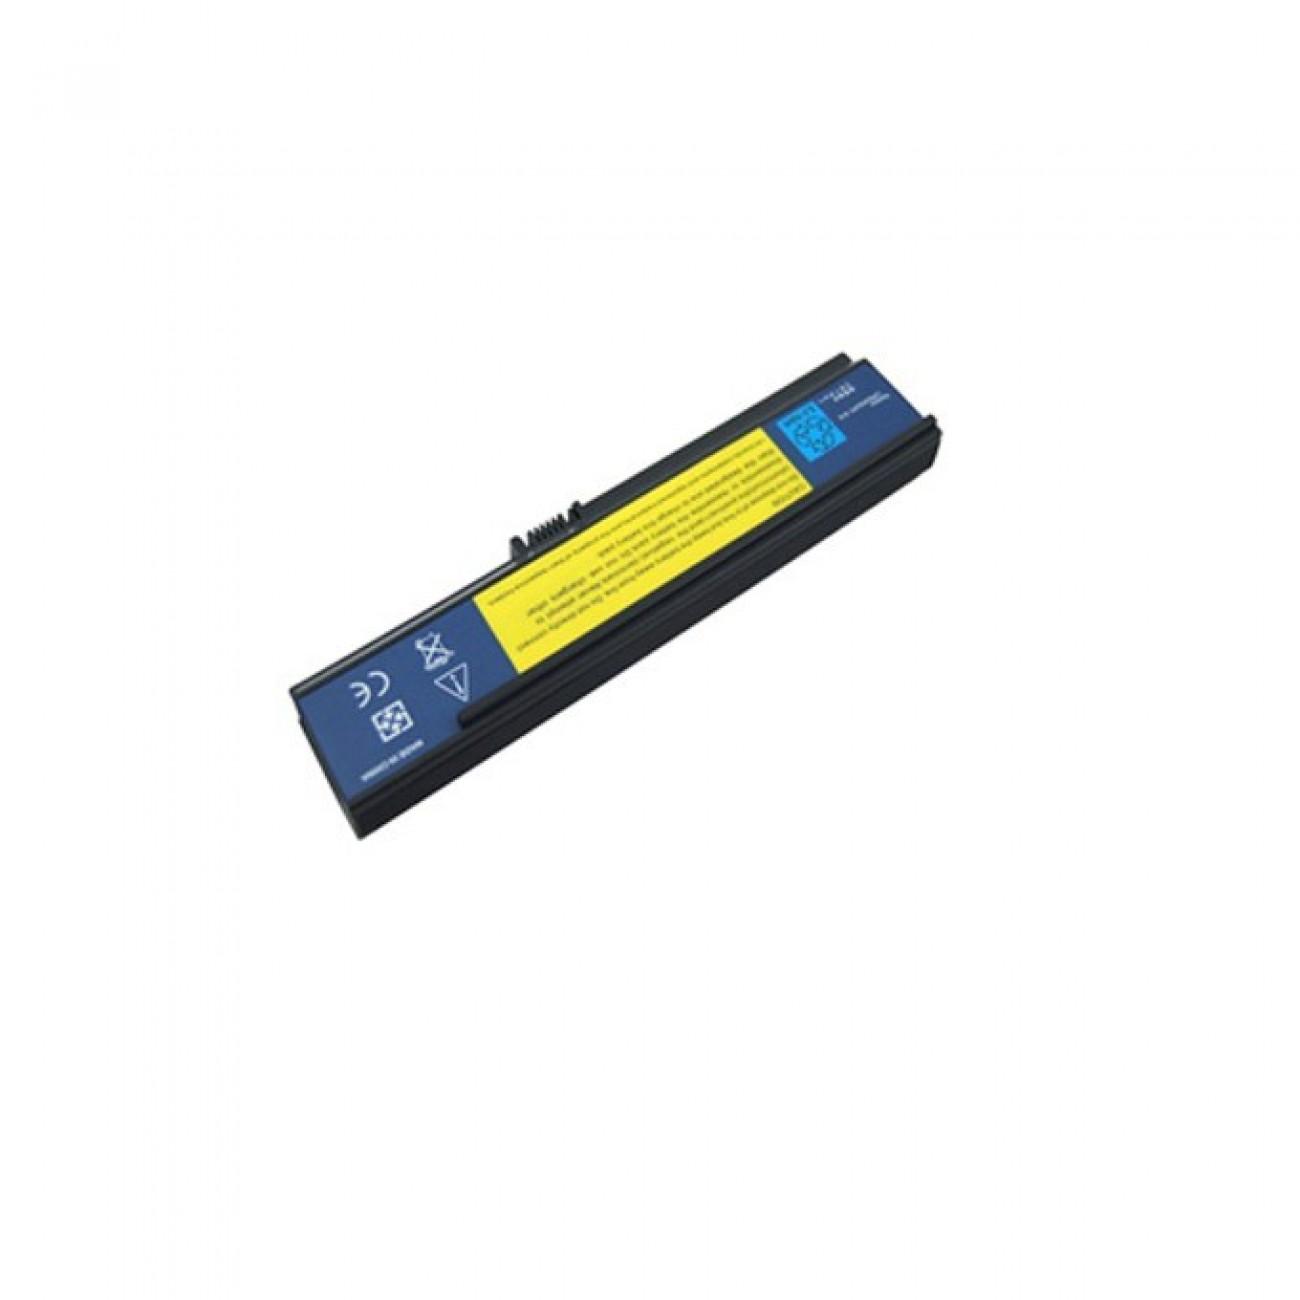 Батерия (оригинална) Acer Aspire 5600, съвместима с 9400/TravelMate 5100, 6cell, 11.1V, 4000mAh в Батерии за Лаптоп -    Alleop